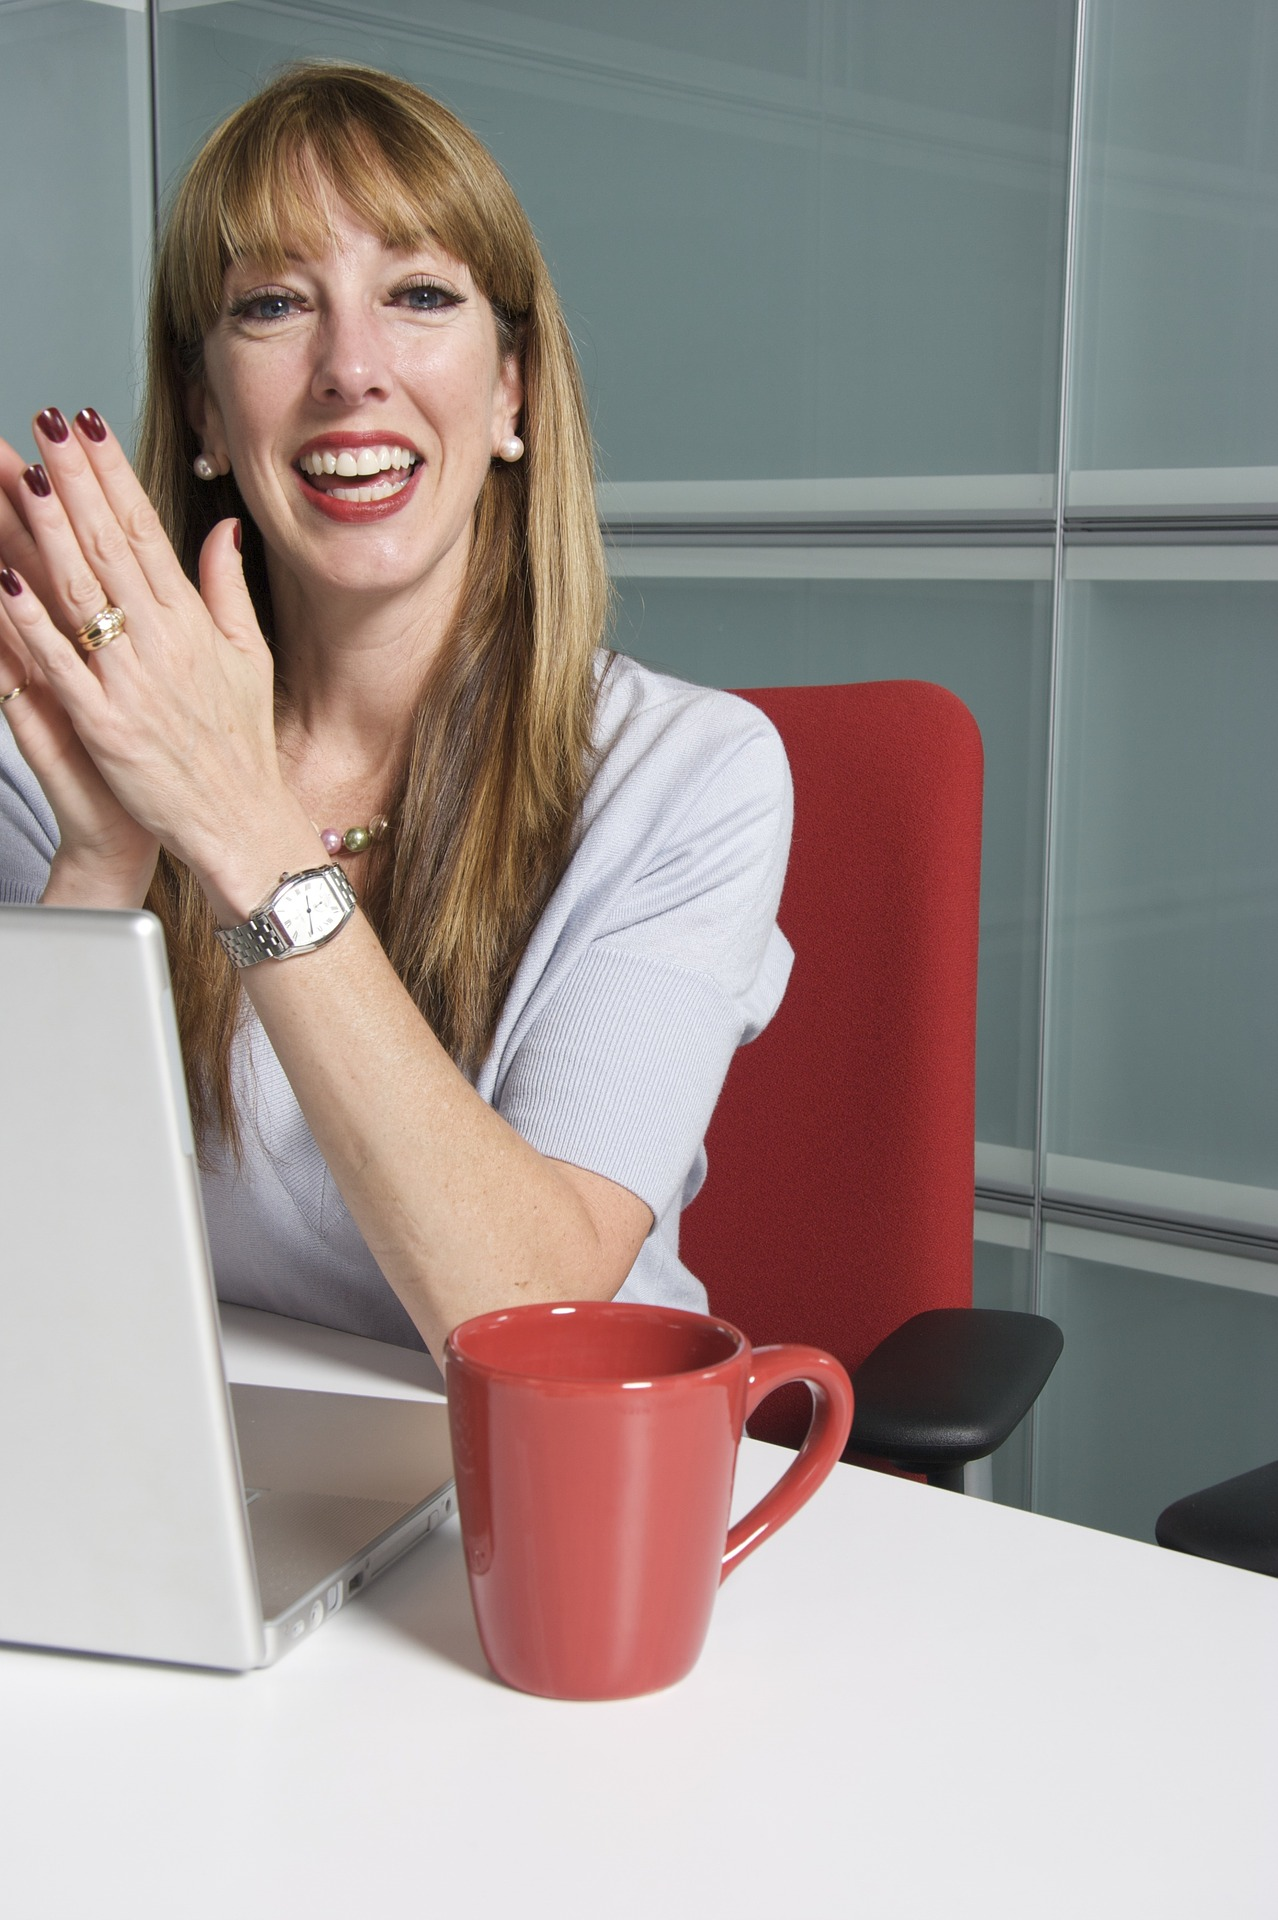 foto de chica en oficina